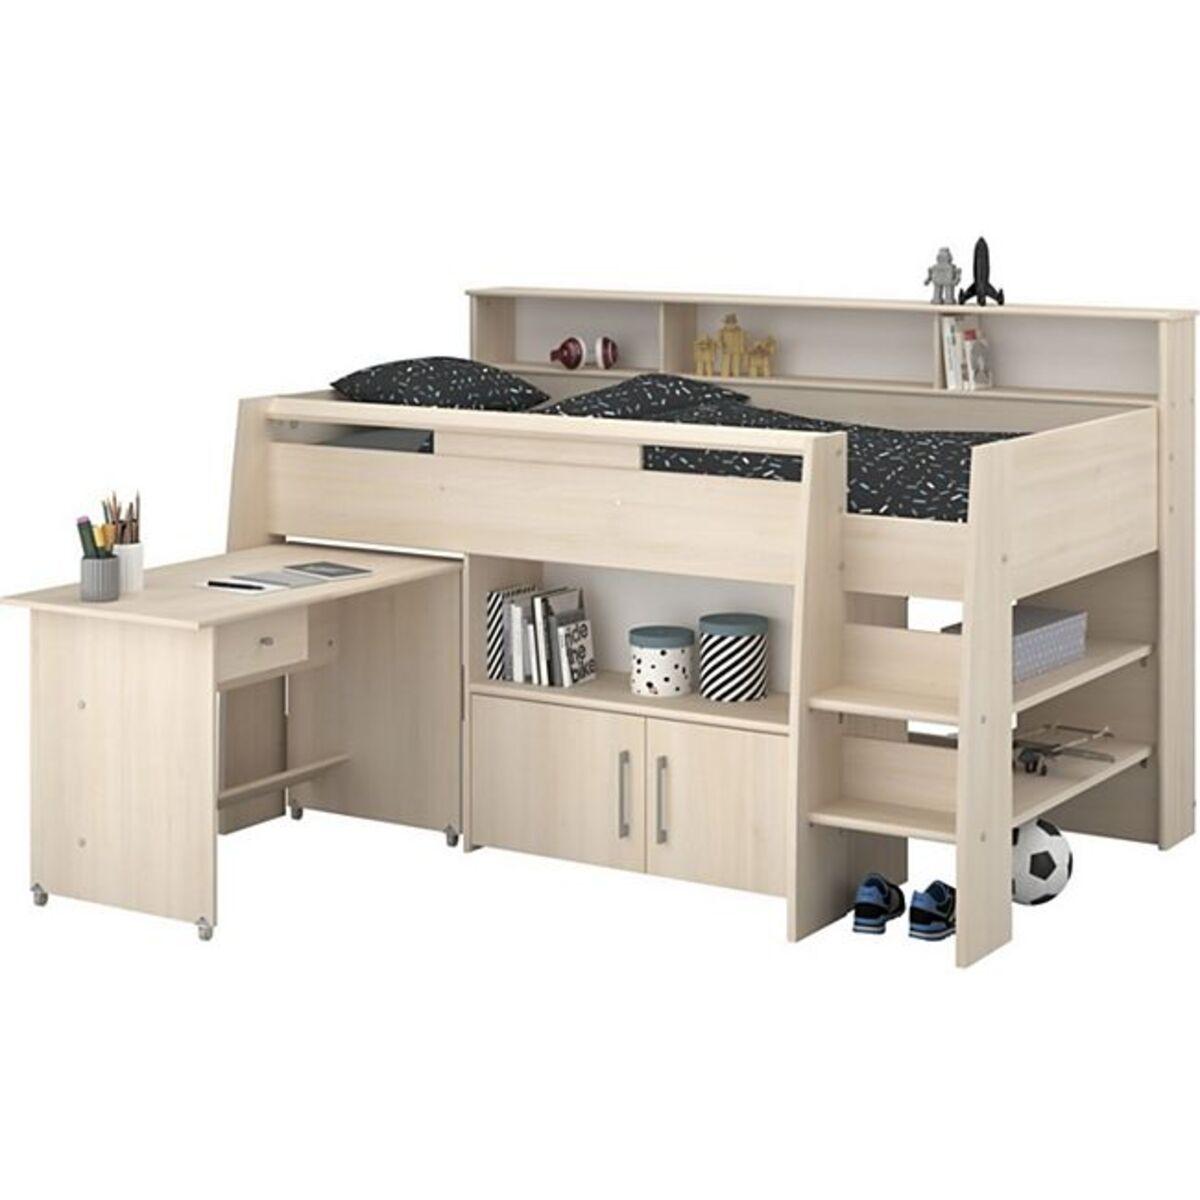 Bild 1 von Parisot Hochbett Charly 2 mit integriertem  Schreibtisch